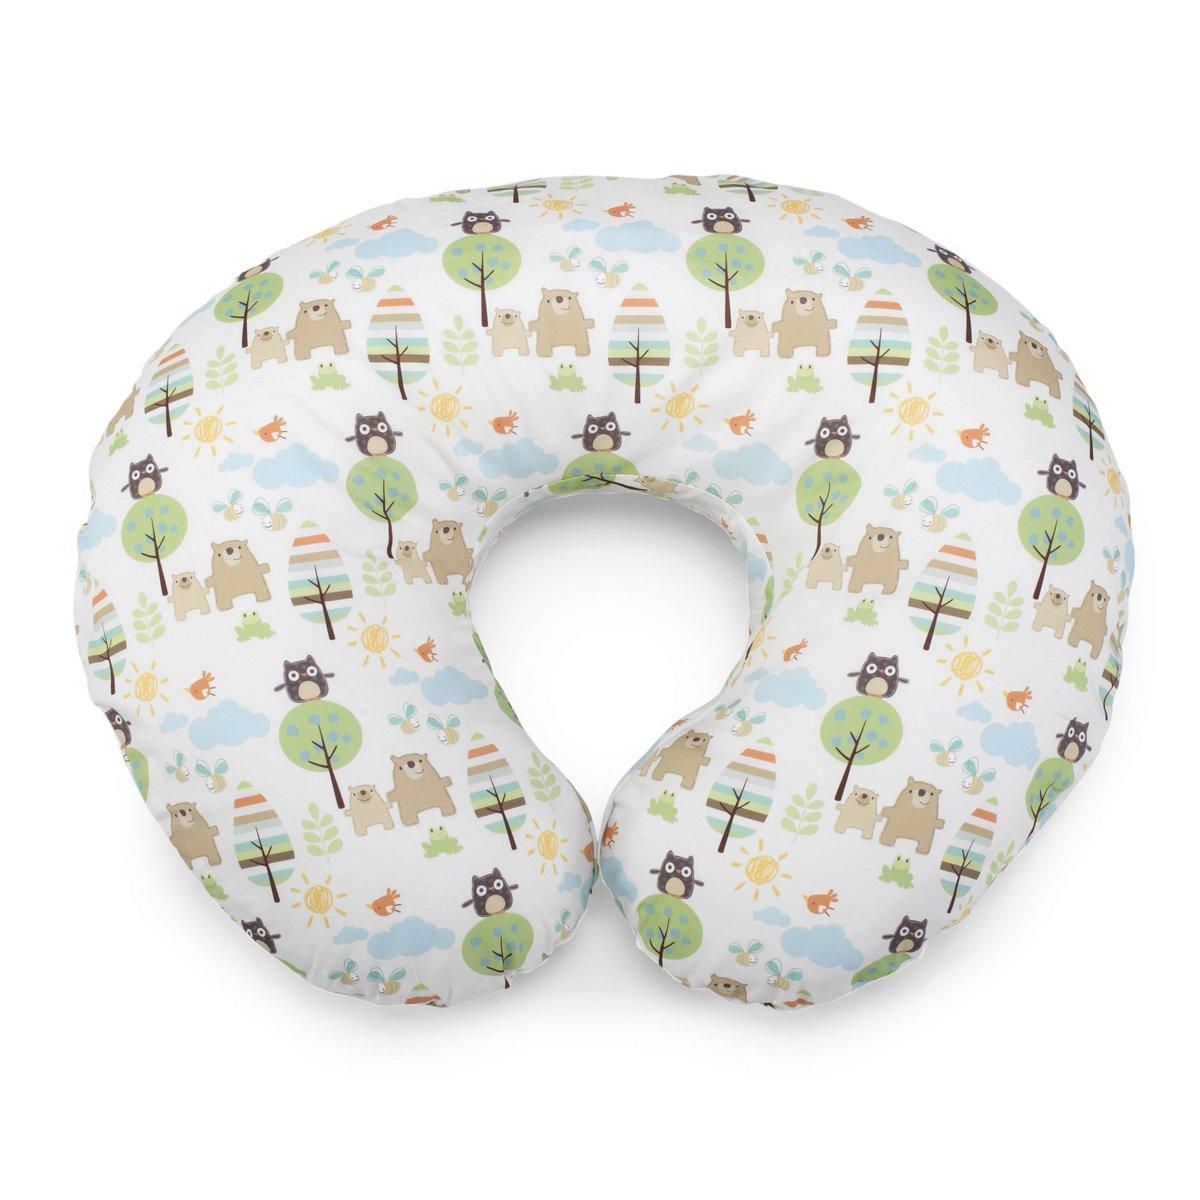 Come utilizzare il cuscino da allattamento | Mamme Magazine